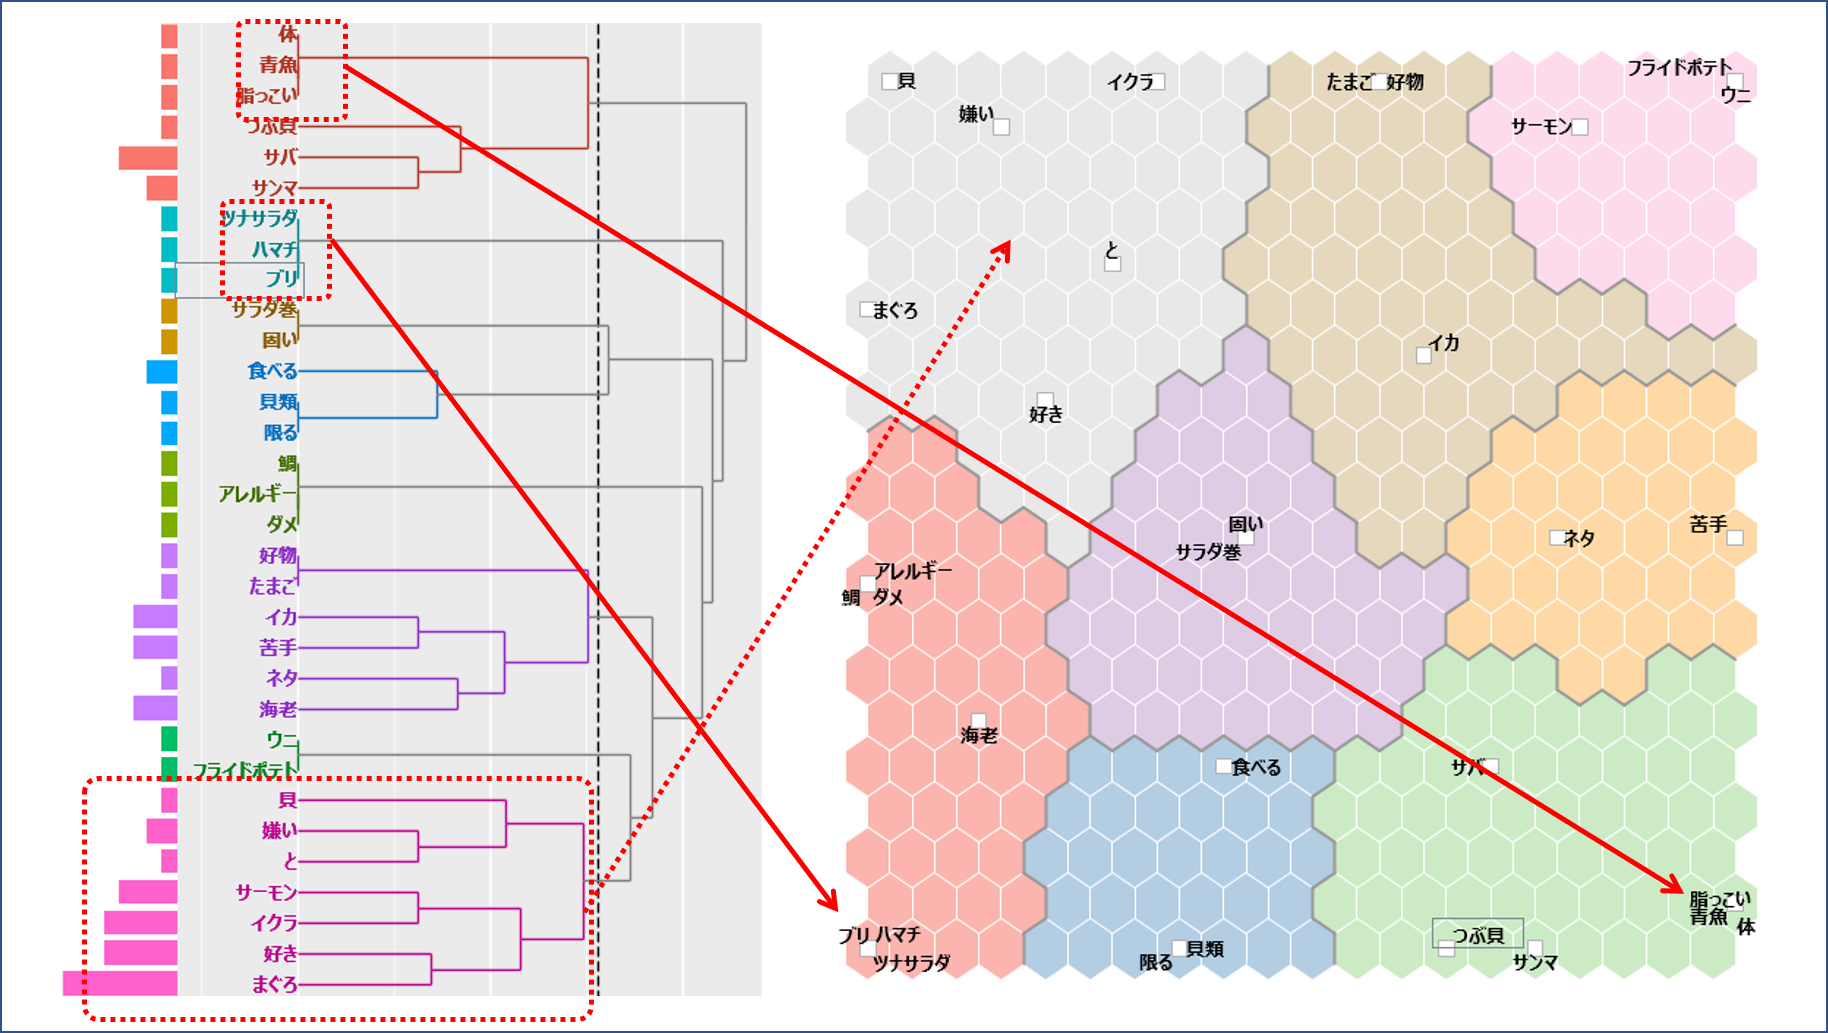 KHcoder 階層的クラスターと自己組織化マップ